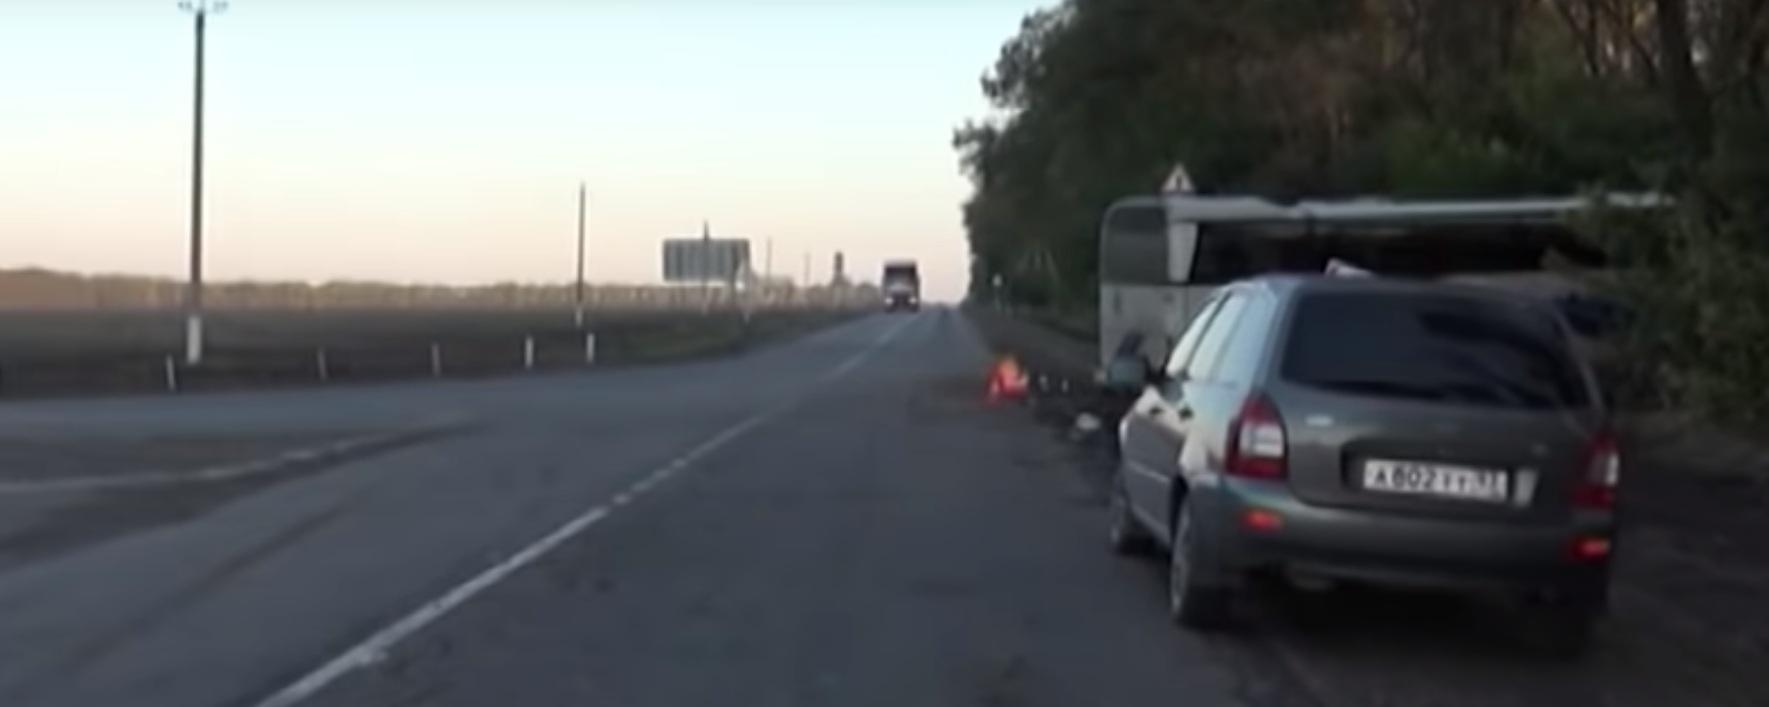 Водитель не вписался в поворот